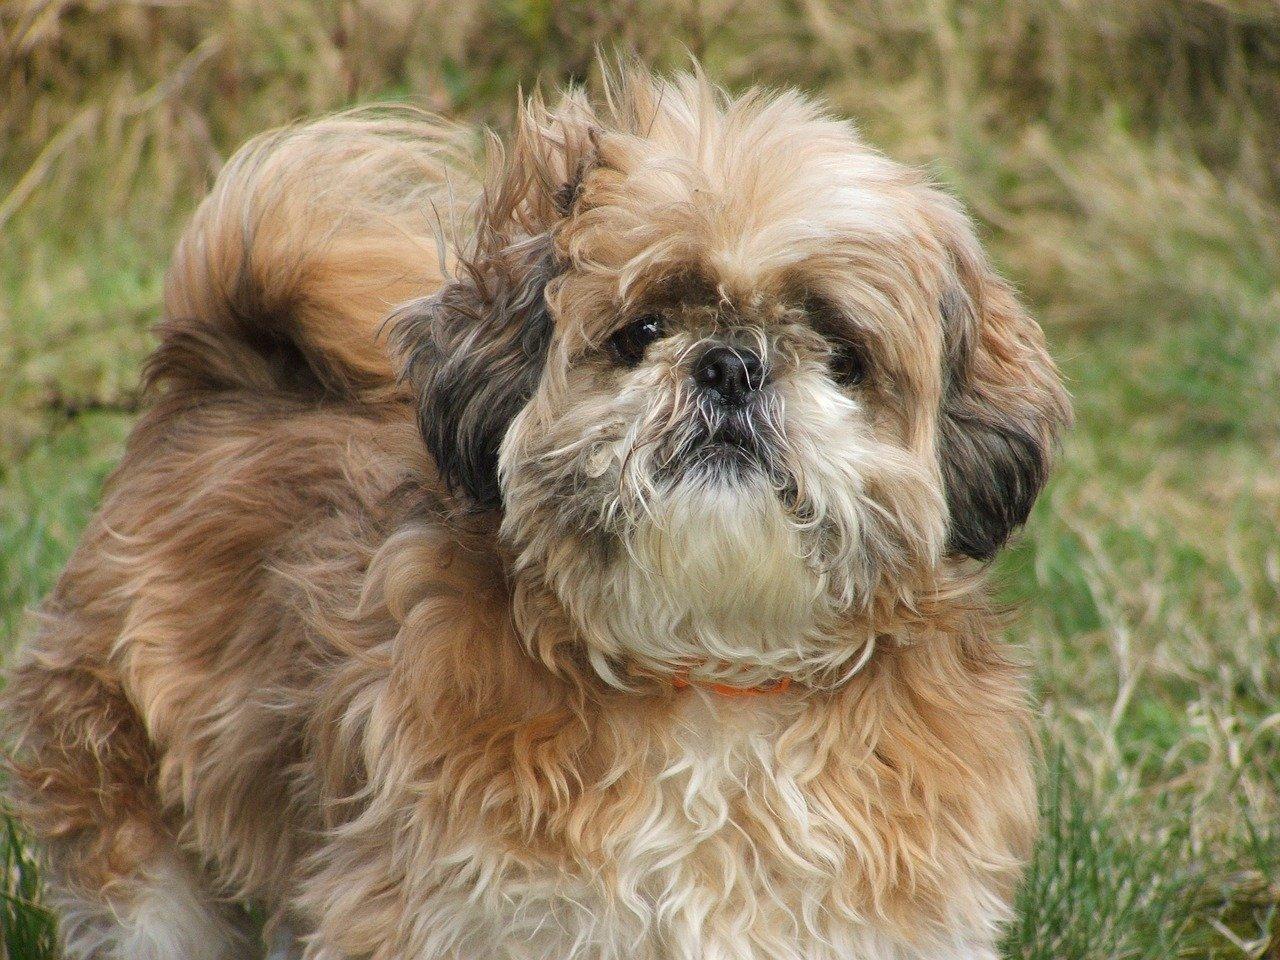 Monociti alti nel cane: perchè succede, diagnosi e terapia